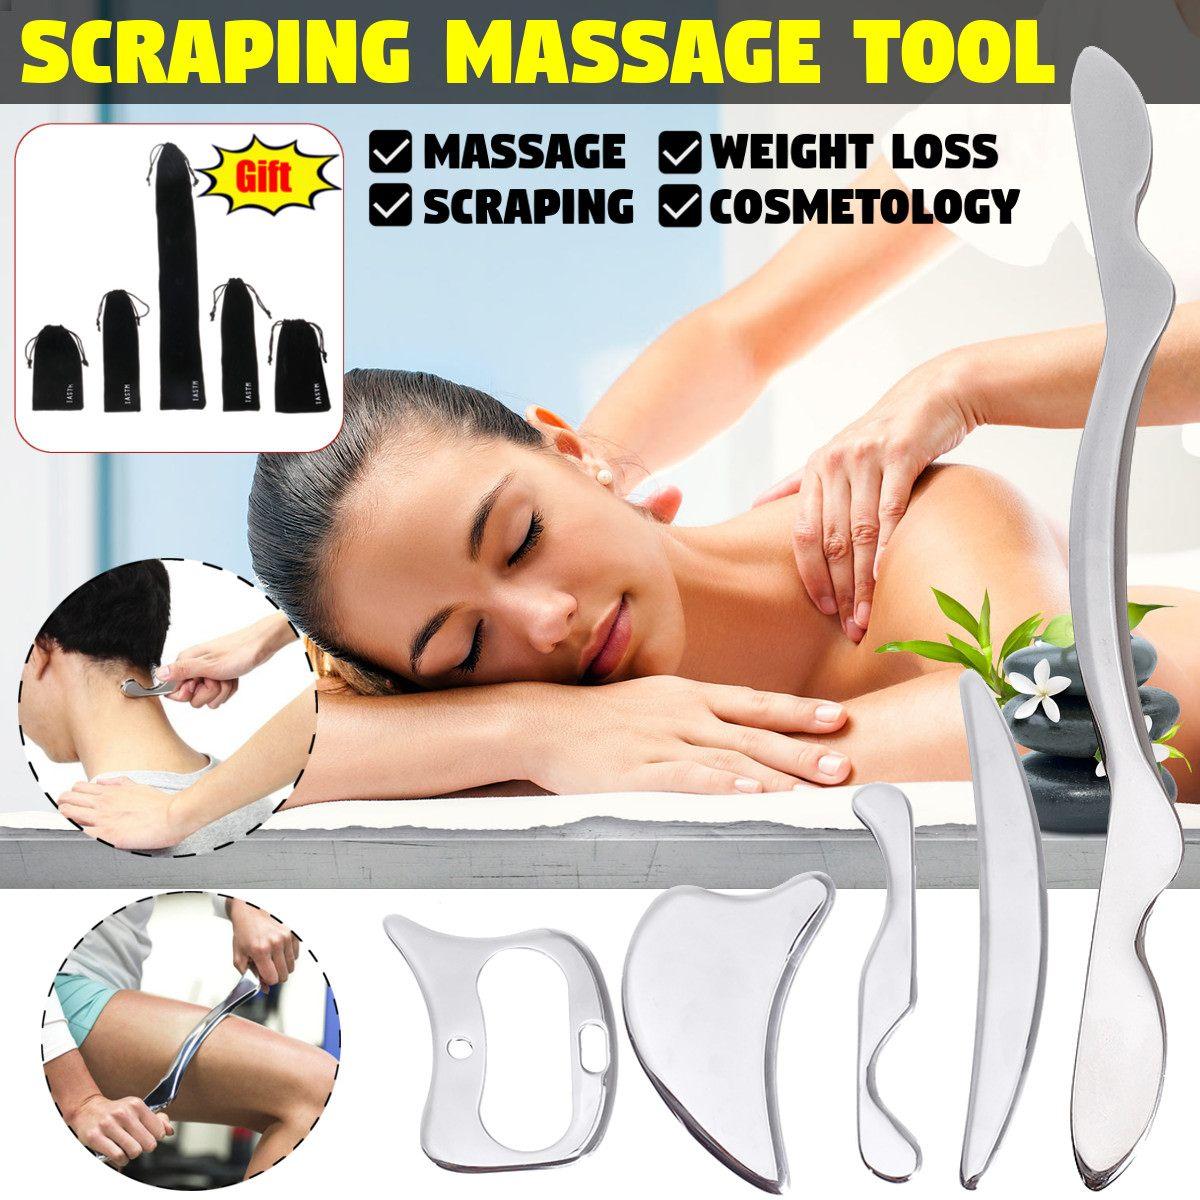 304 Edelstahl Gua Sha Guasha Massager Werkzeug Schaber Physikalische Therapie Lose Muscle Meridian Massage Maschine SPA Bord Werkzeug